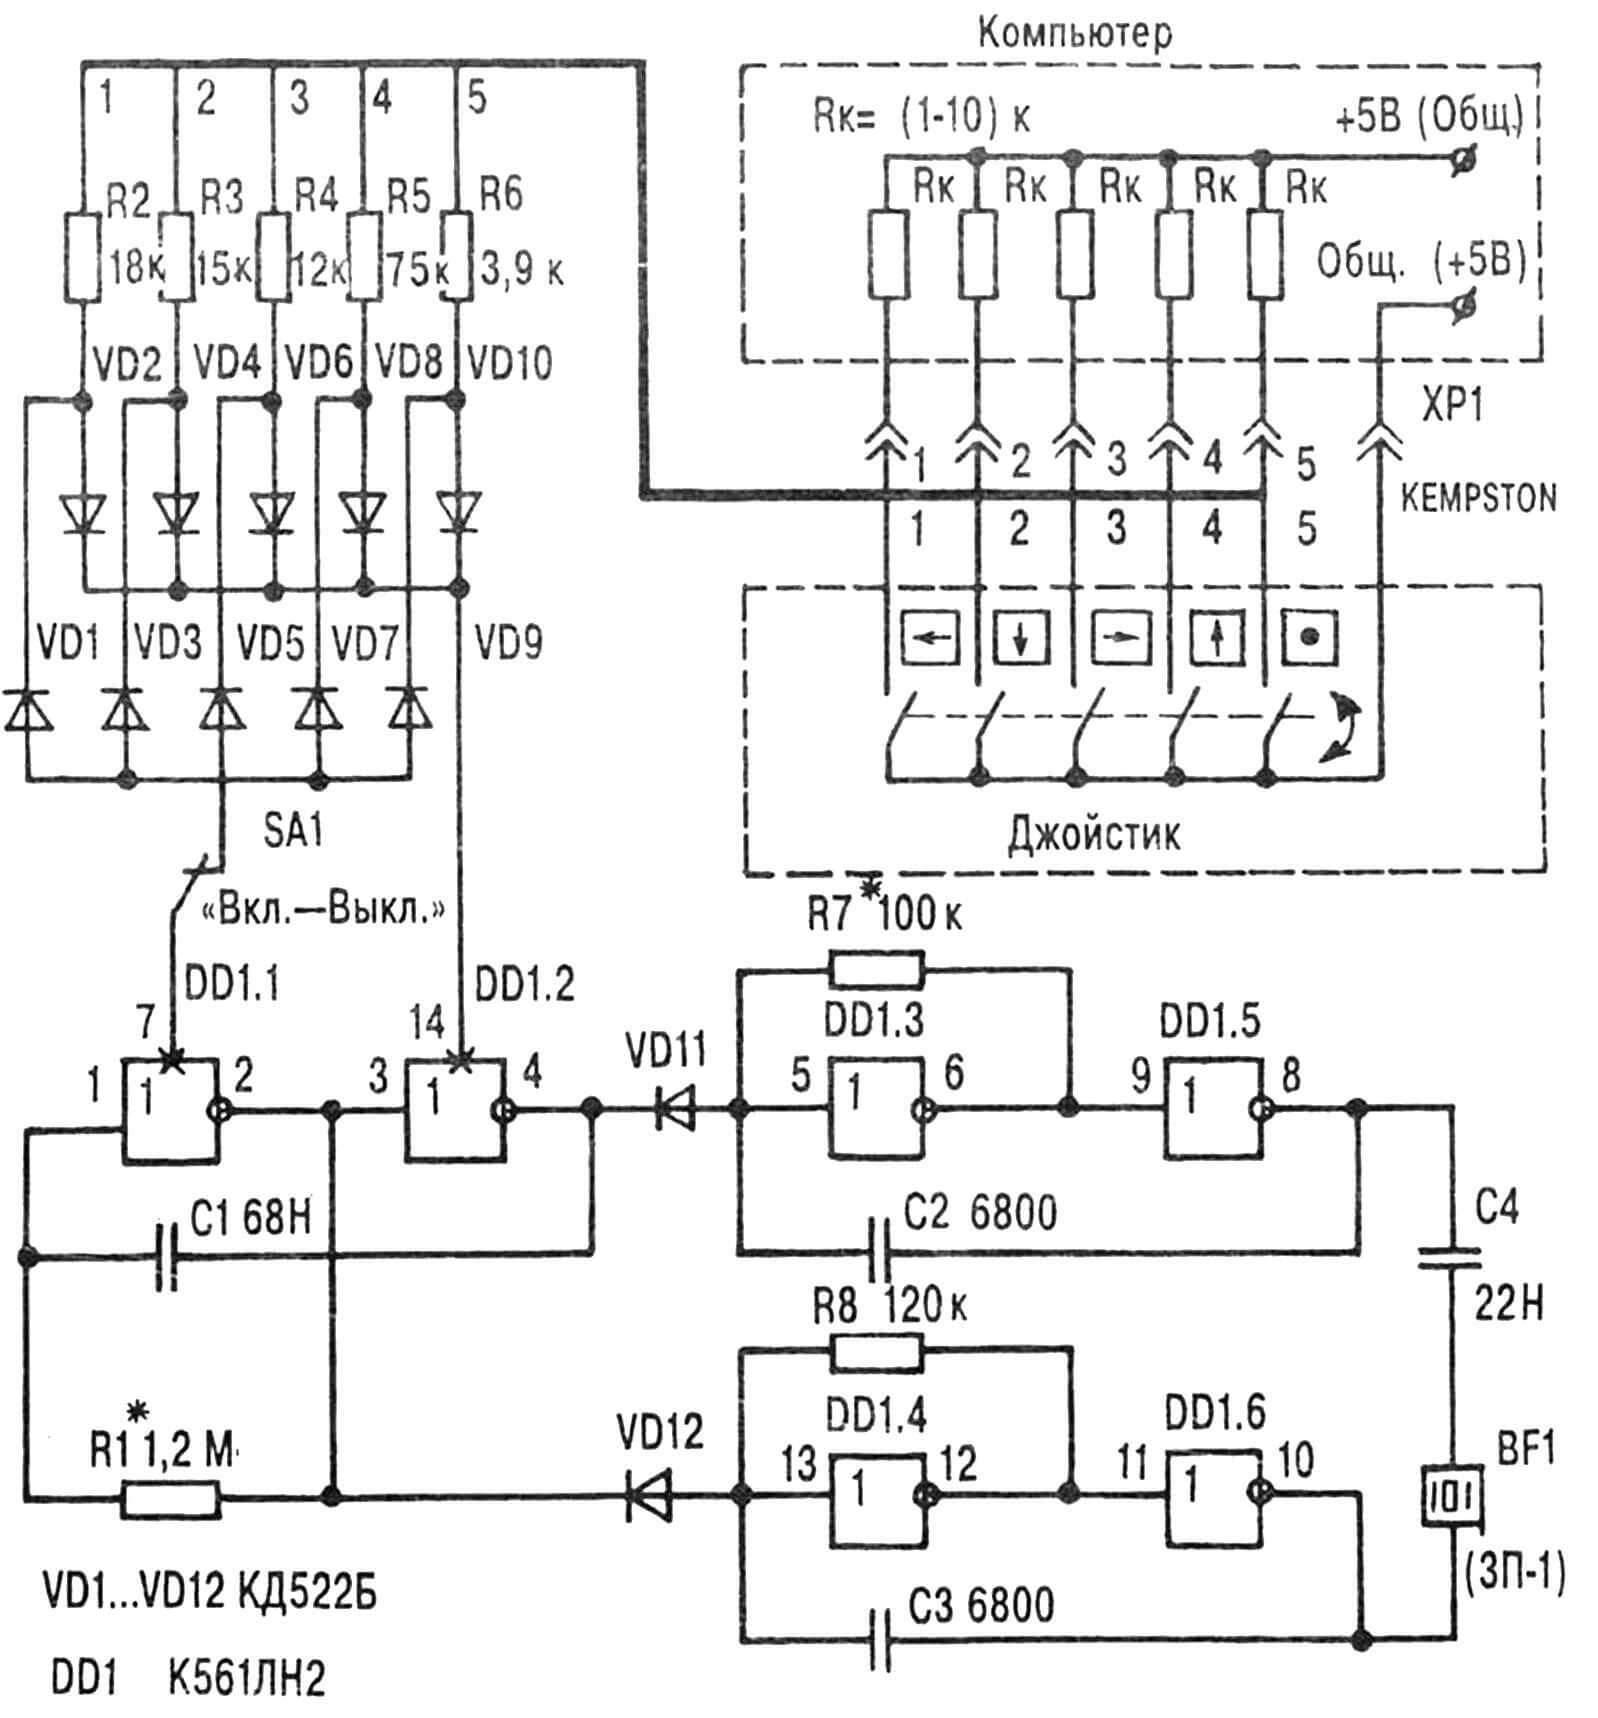 Рис.2. Электрическая схема музыкального джойстика, подключенного к порту KEMPSTON компьютера ZX-SPECTRUM.